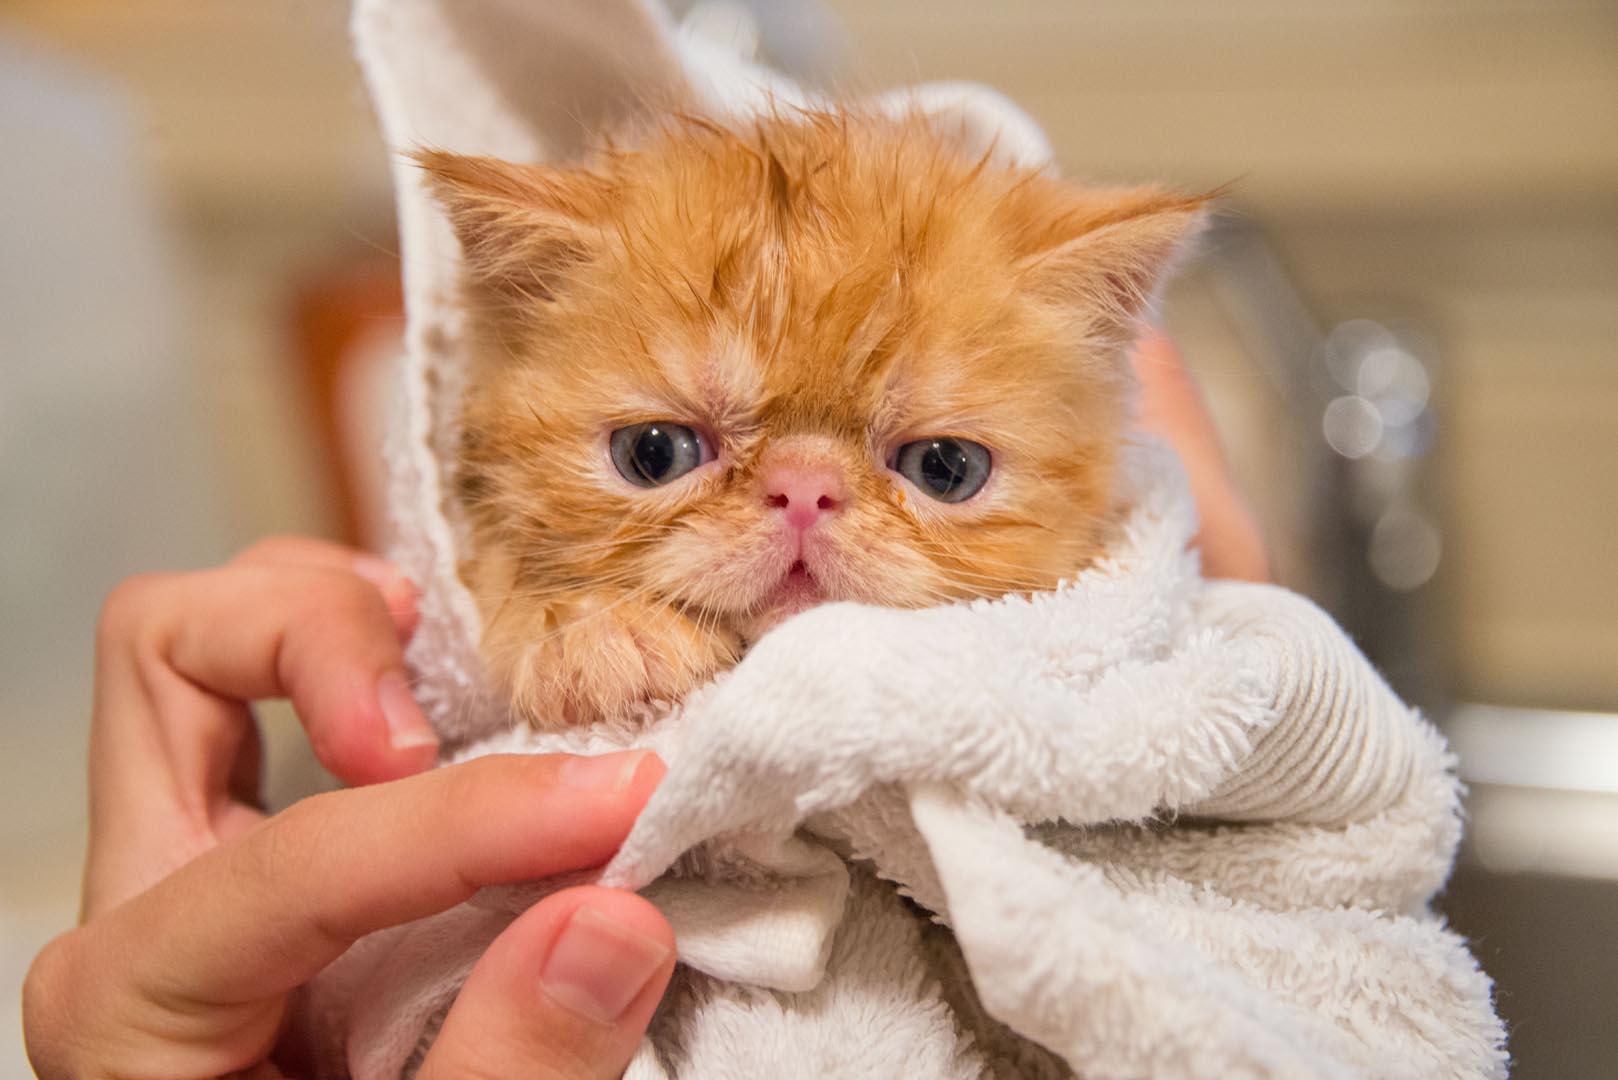 Gato pequeño envuelto en toallas después del baño, no parece contento